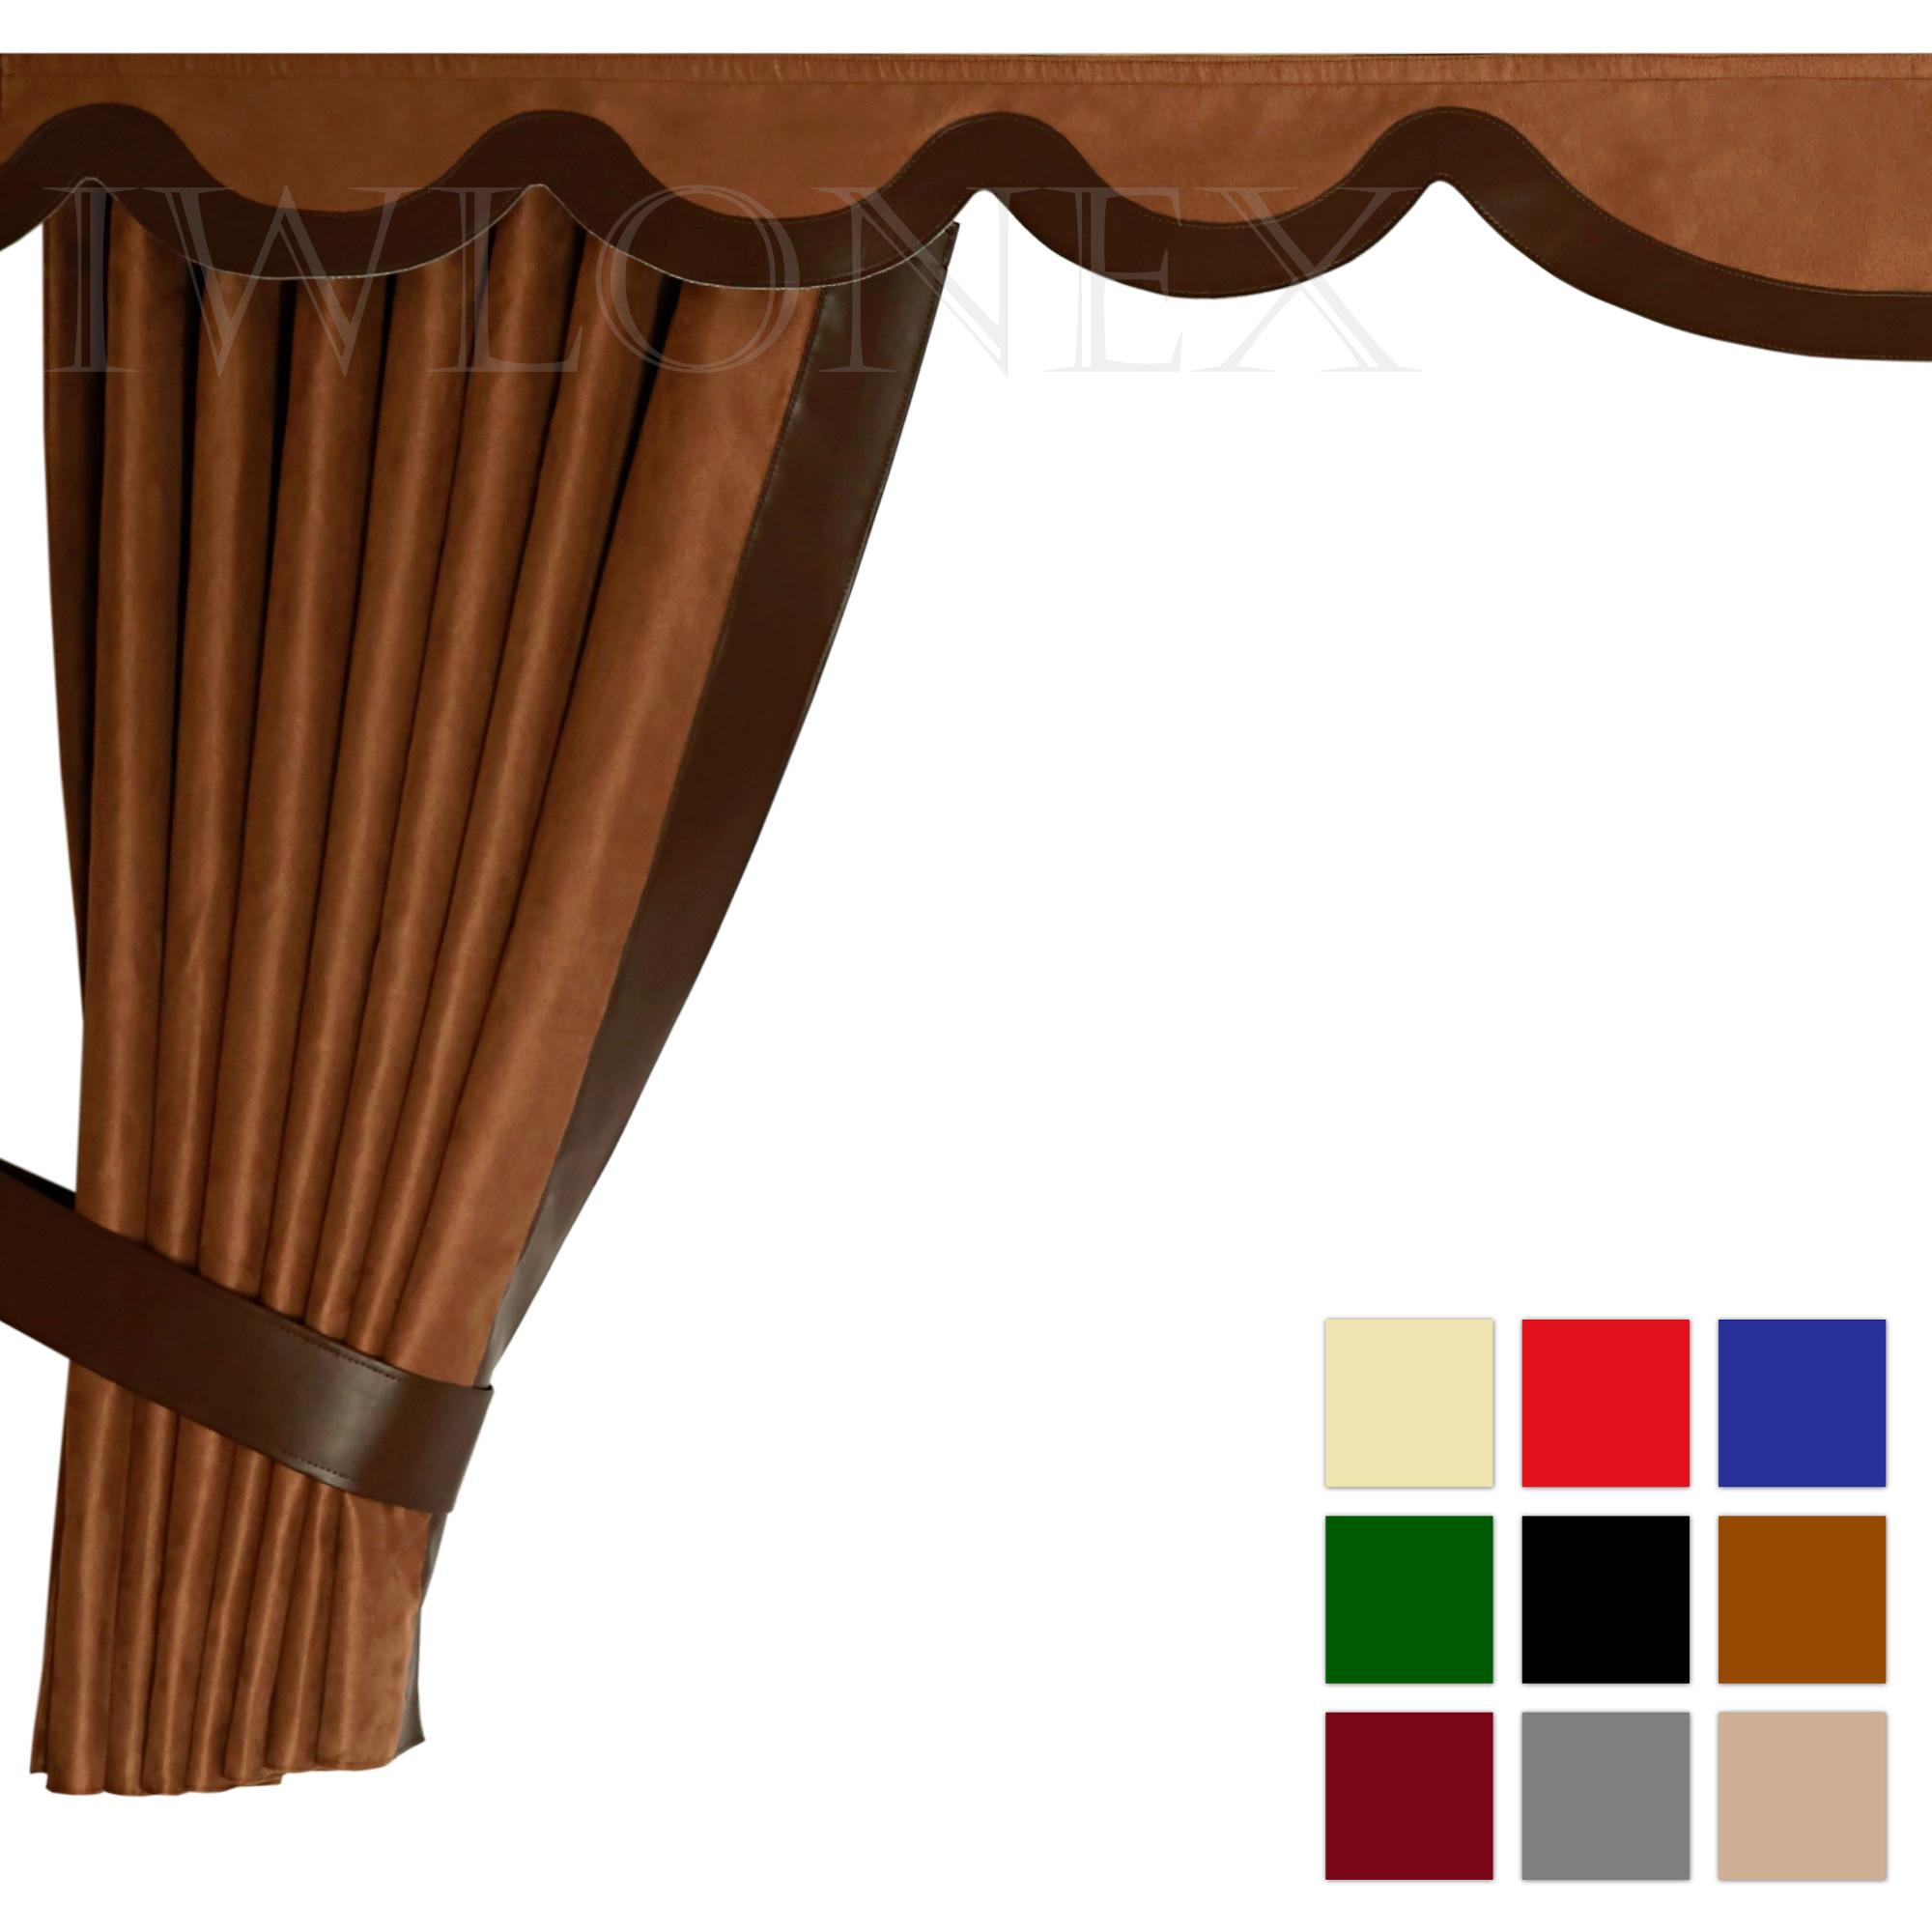 LKW Gardinen doppelt verarbeitet mit Kunstleder 1 IWLONEX - LKW Gardinen 5-teilig Set mit Kunstleder + Haken + Klett-Klebeband - deine Farben